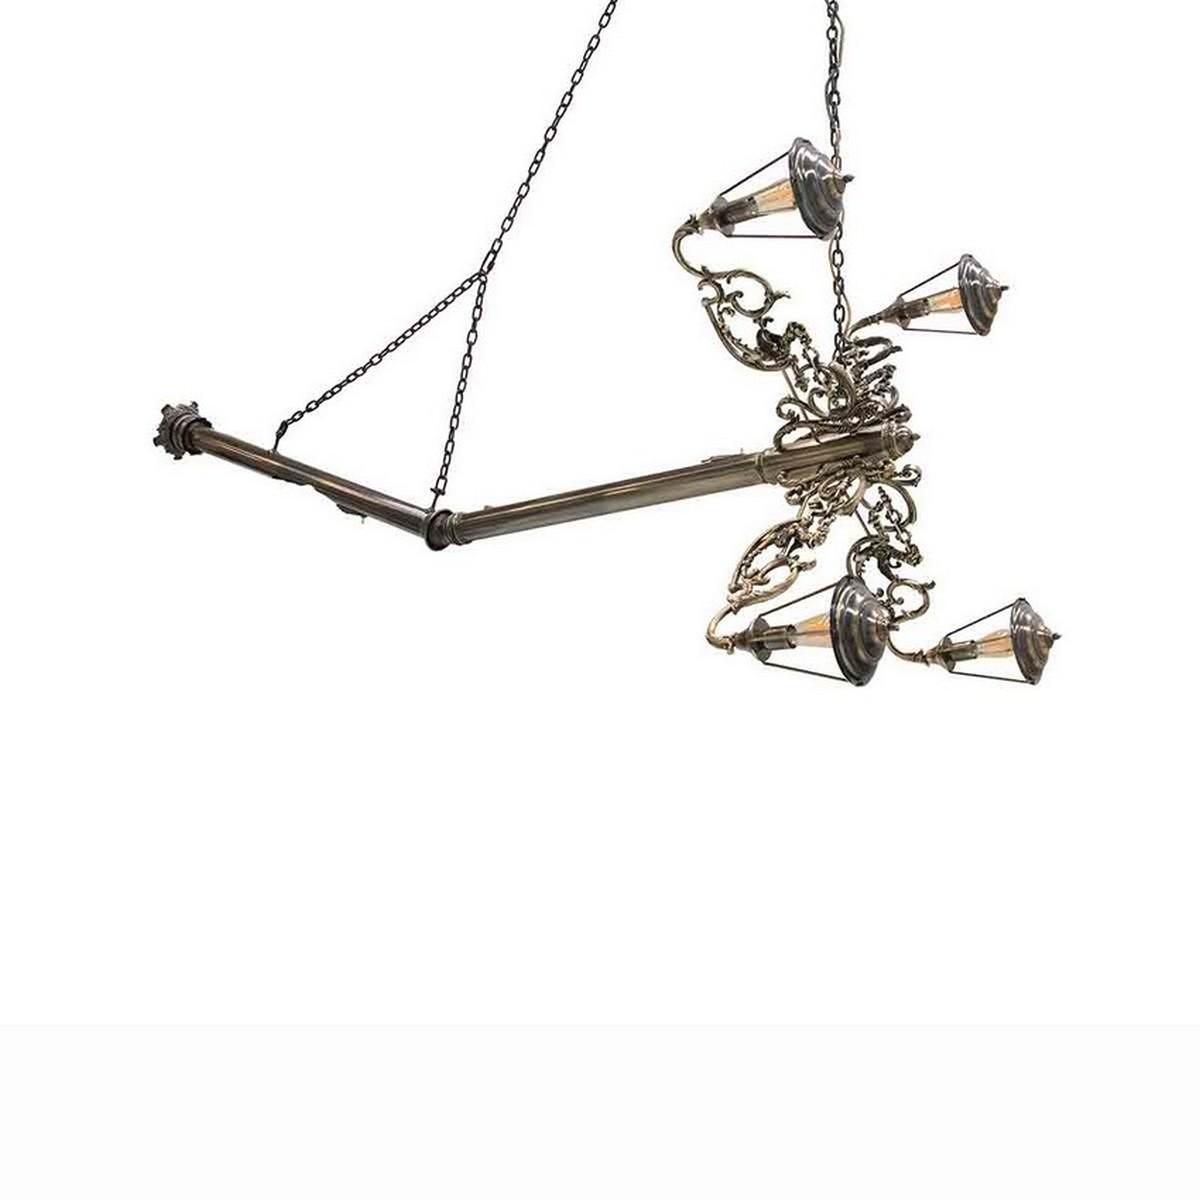 Diseño de Interiores: ideas para piezas elegantes y lujuosas diseño de interiores Diseño de Interiores: ideas para piezas elegantes y lujuosas lumiere suspension lamp boca do lobo 01 1